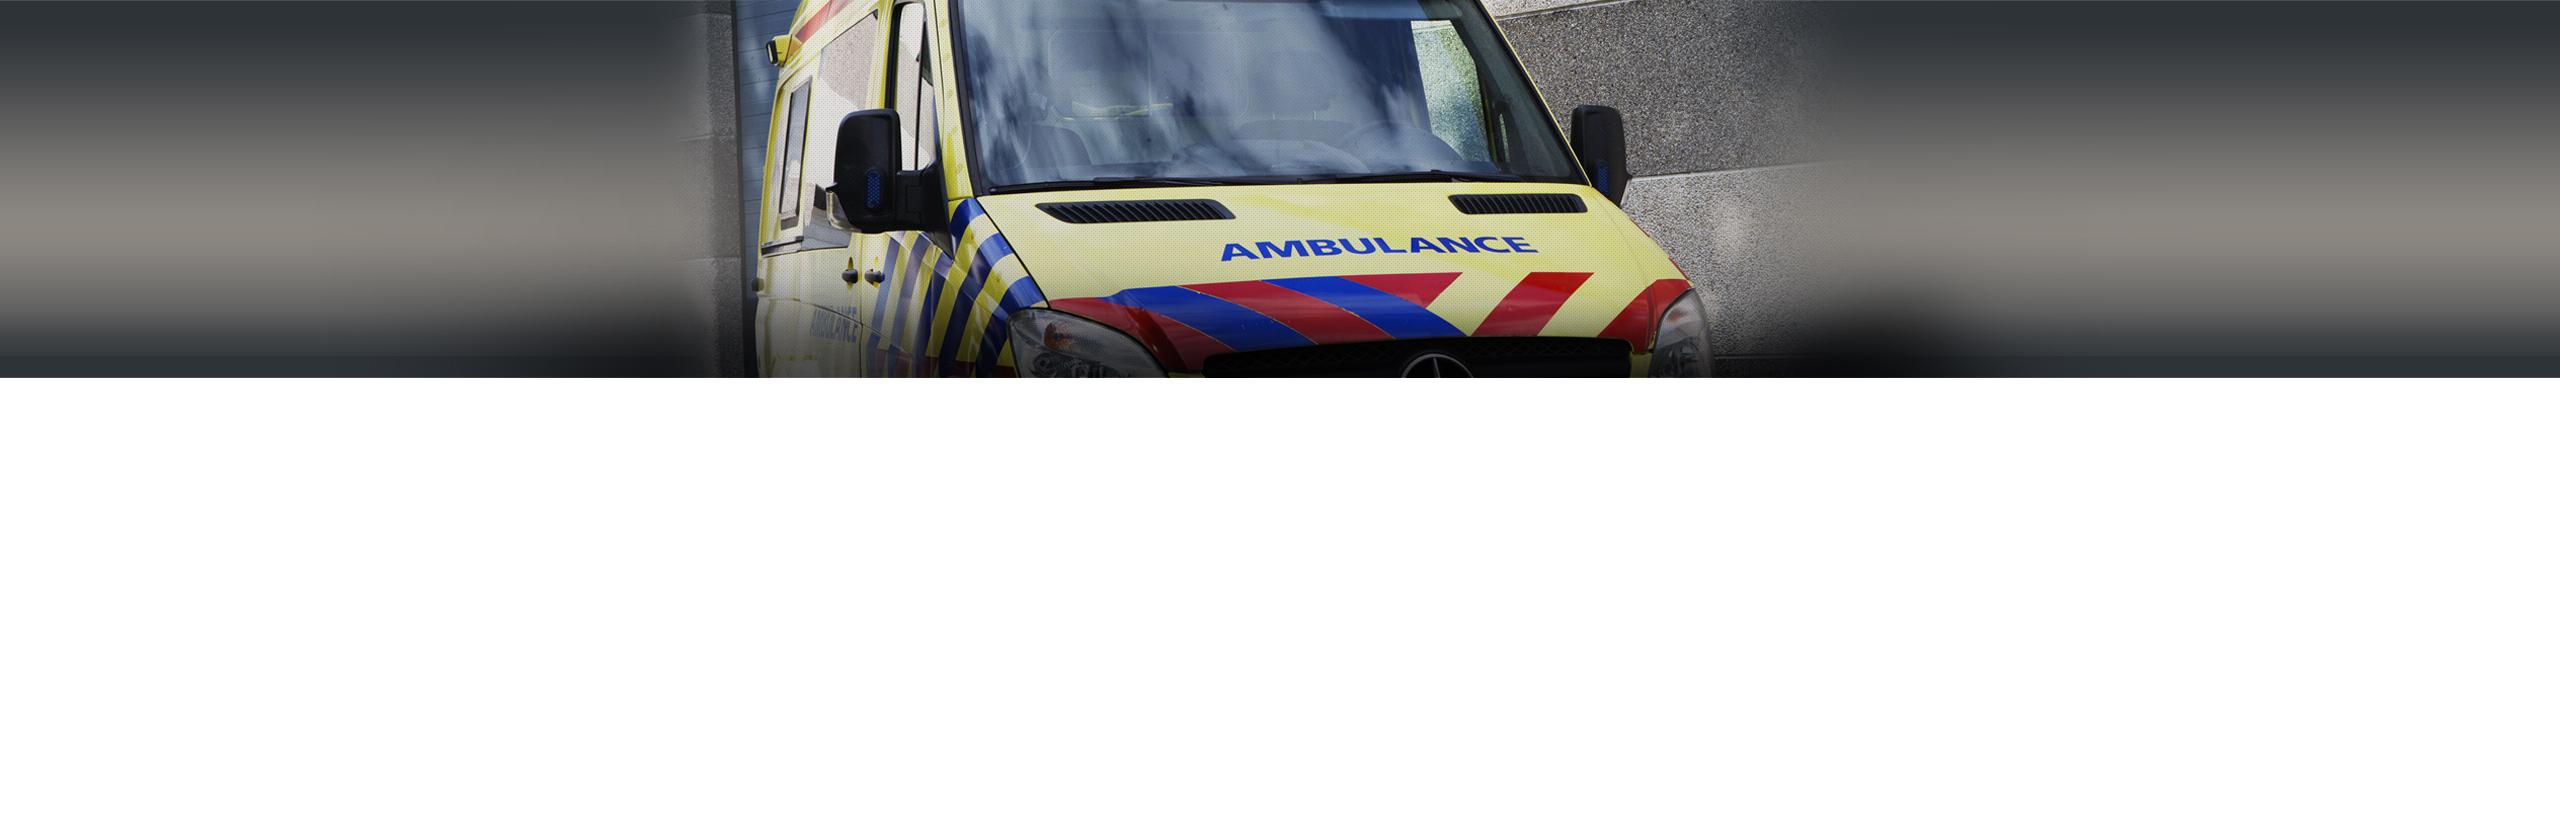 Ambulance (Service d') - AMG Ambulance - 1